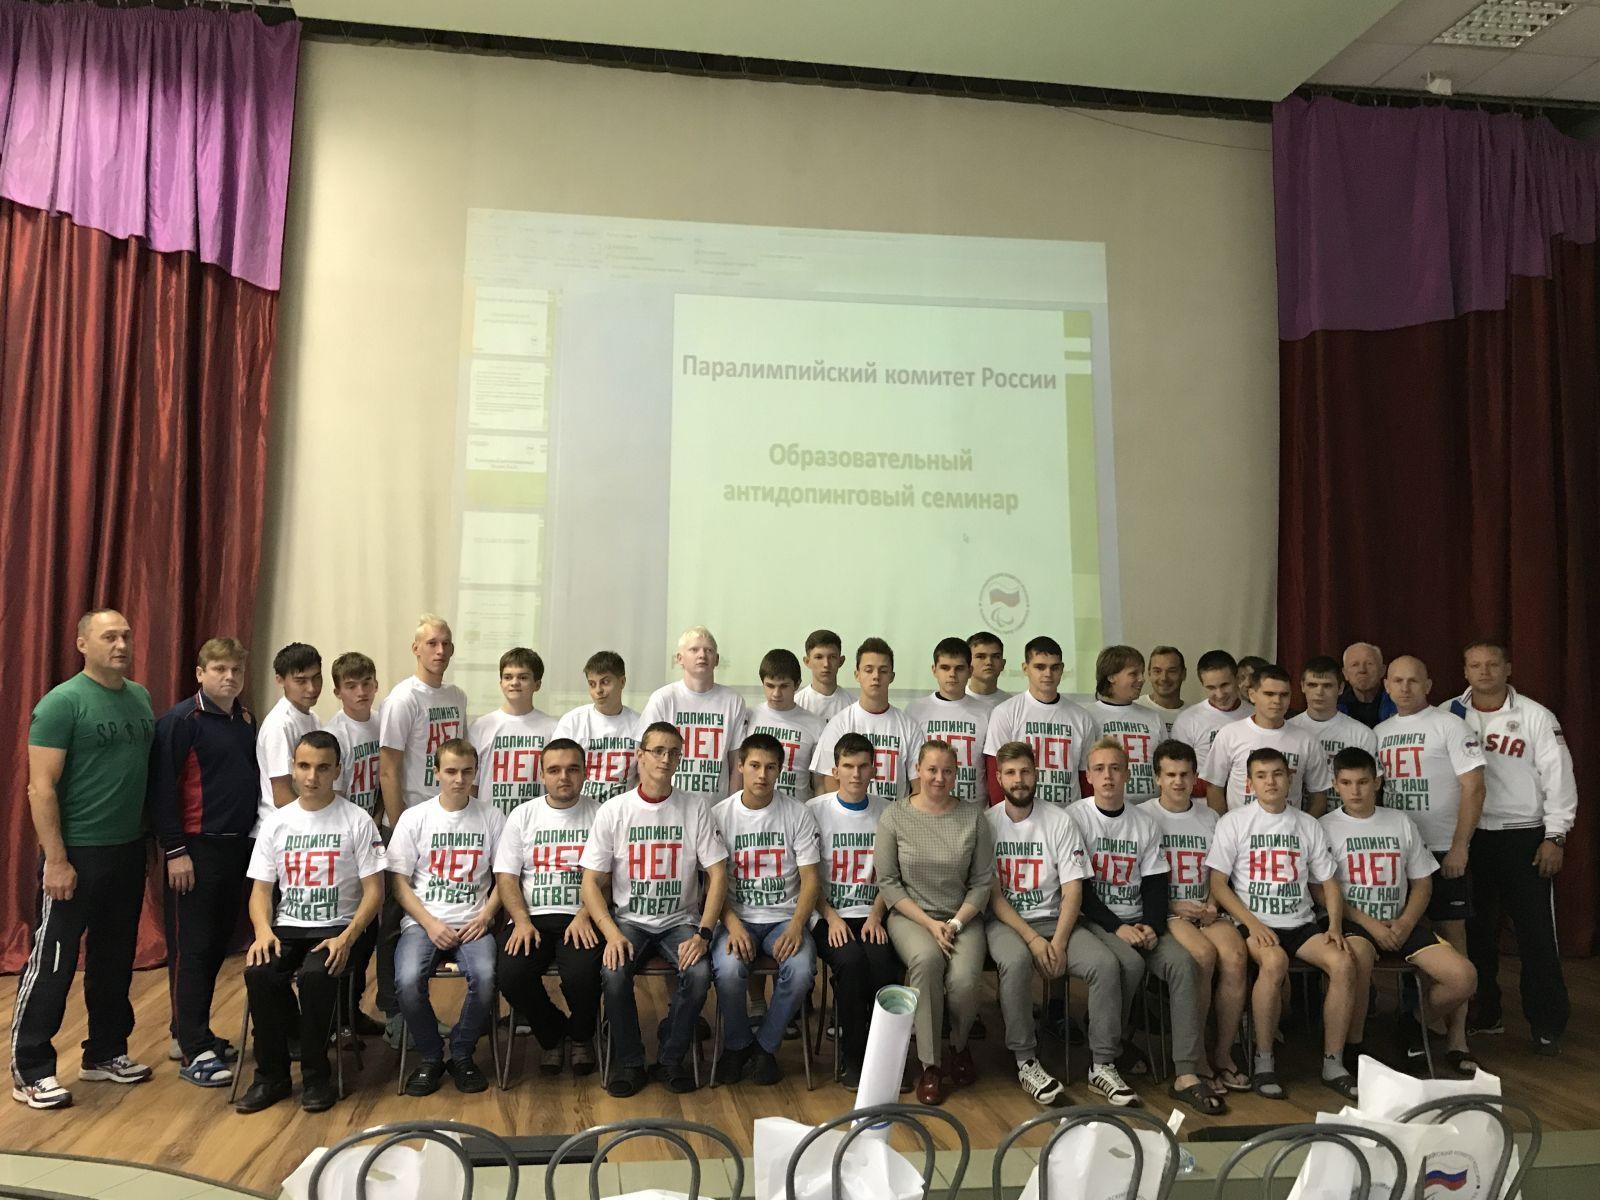 ПКР в Московской области провел Антидопинговый семинар для членов сборной команды России по мини-футболу 5х5 (класс В1, тотально-слепые)